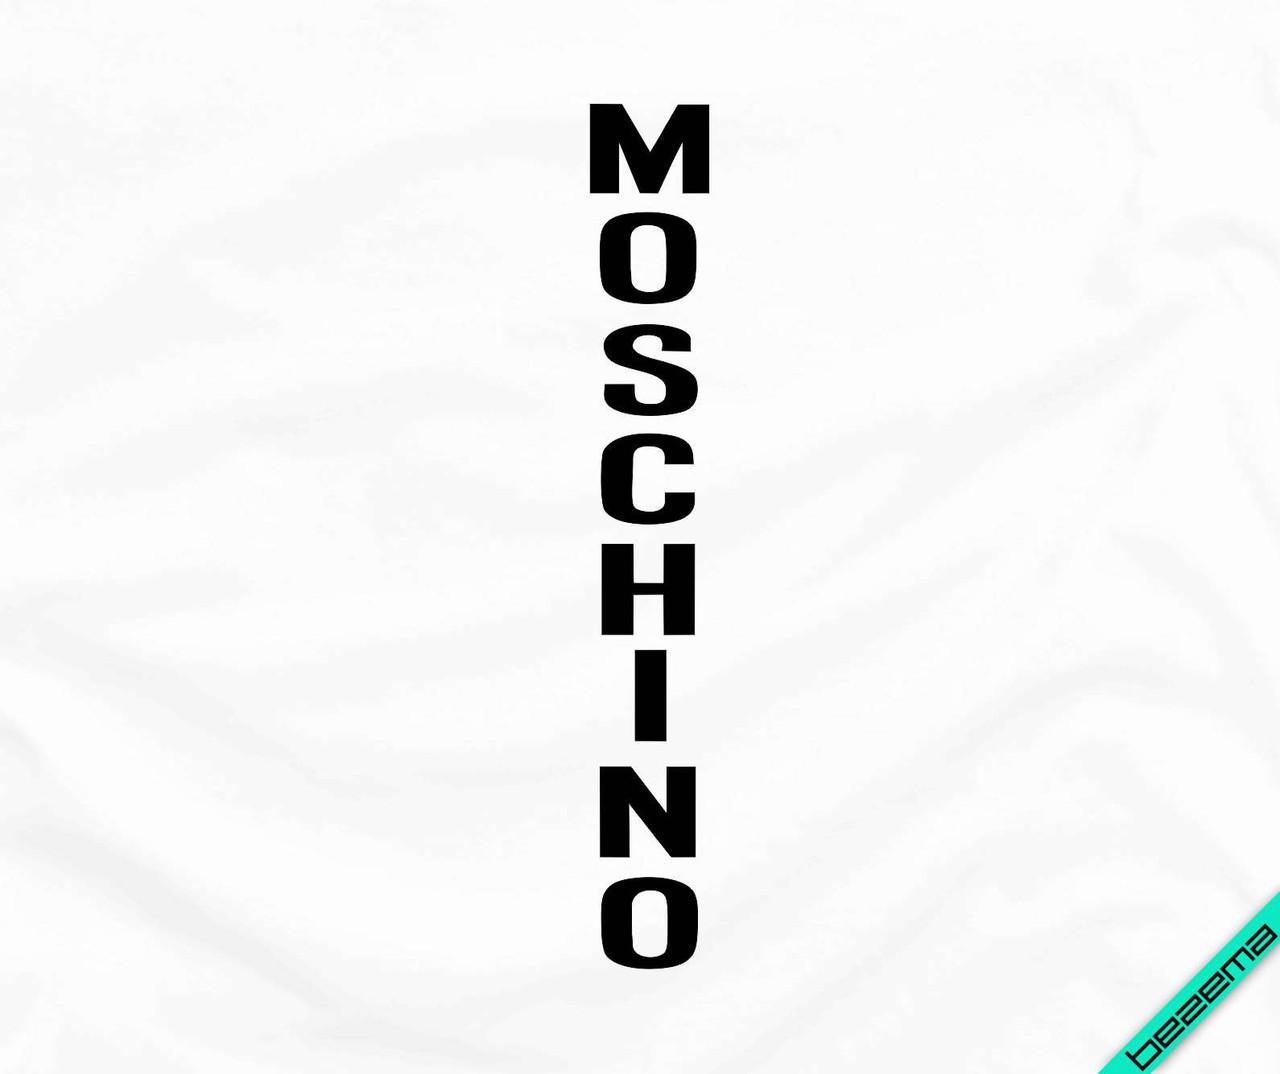 Аплпикации, латки на галстуки Moschino [7 размеров в ассортименте] (Тип материала Матовый)